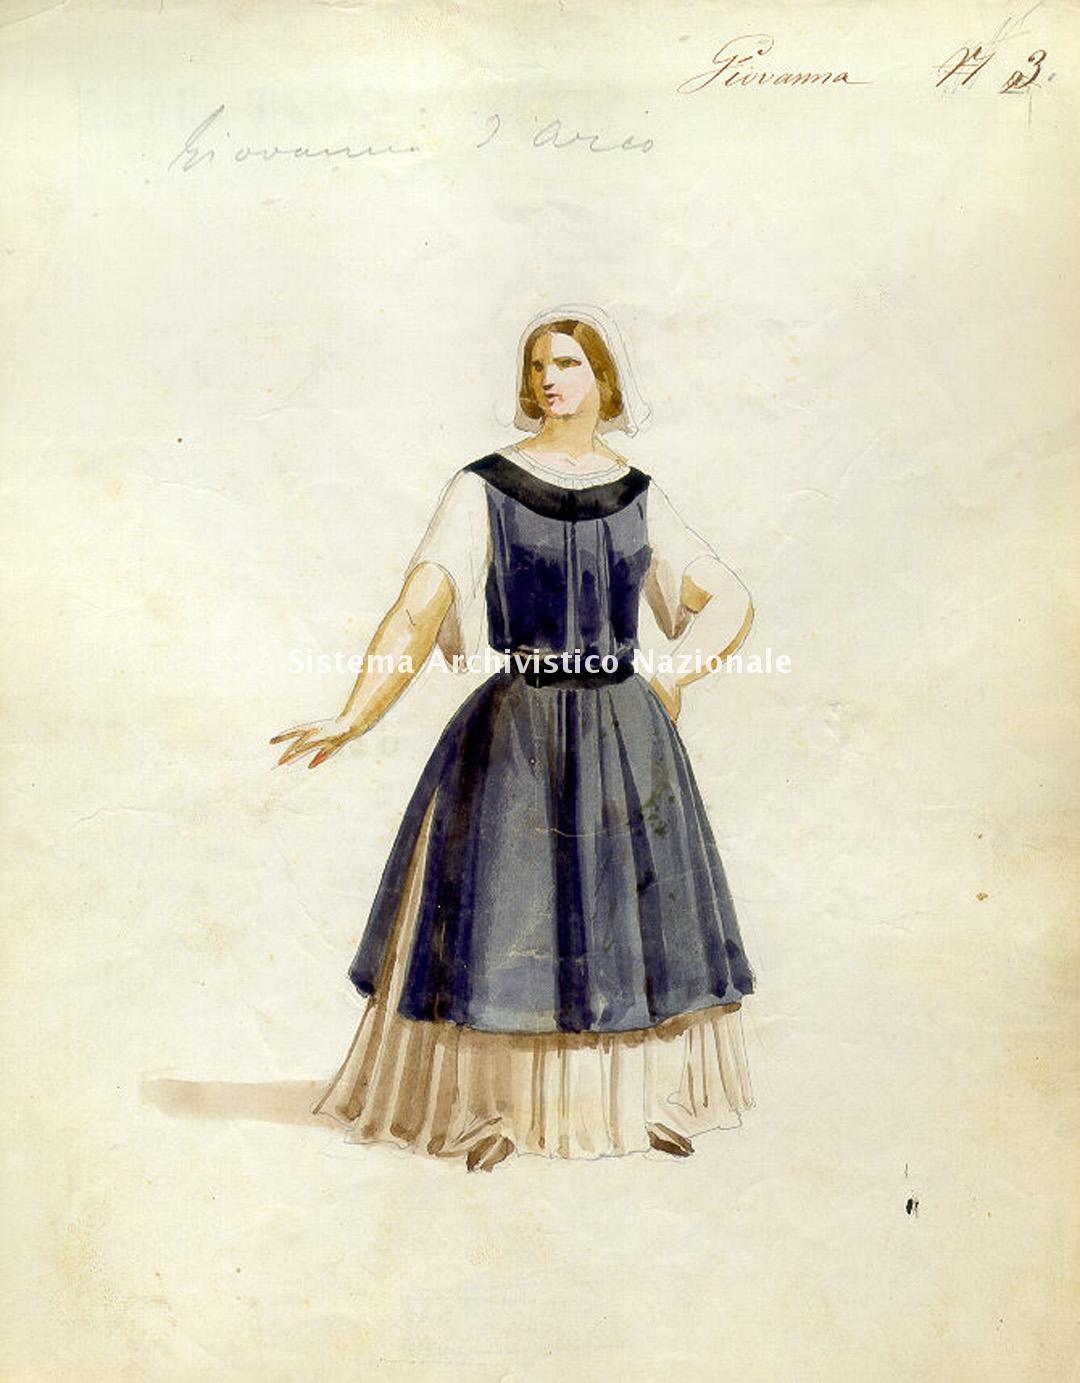 De Capitani, figurino per Giovanna d'Arco, 1857-1858